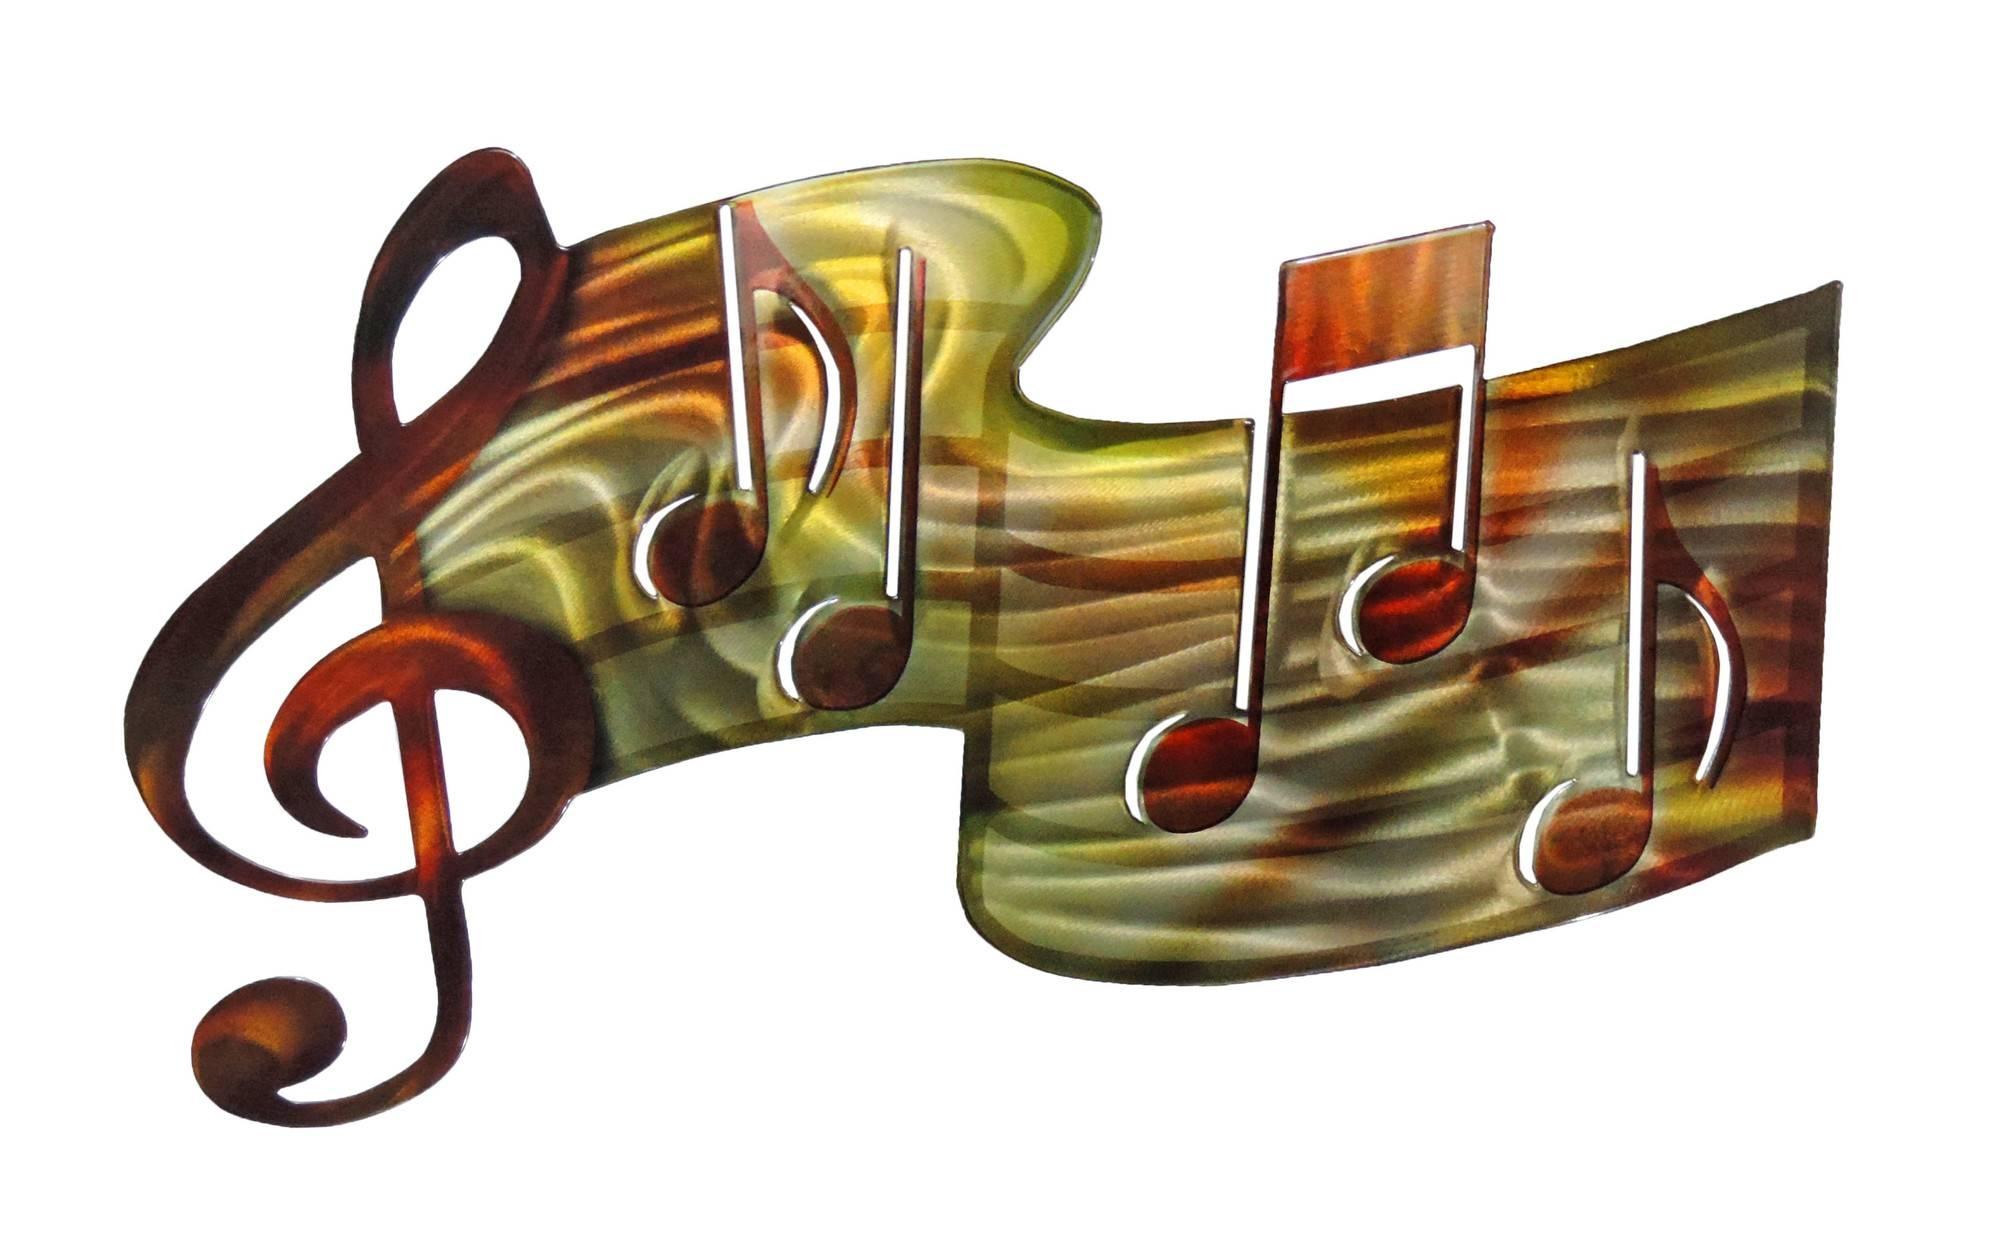 3D Music Staff – Musical Metal Wall Art Regarding Recent 3D Metal Wall Art (Gallery 14 of 20)